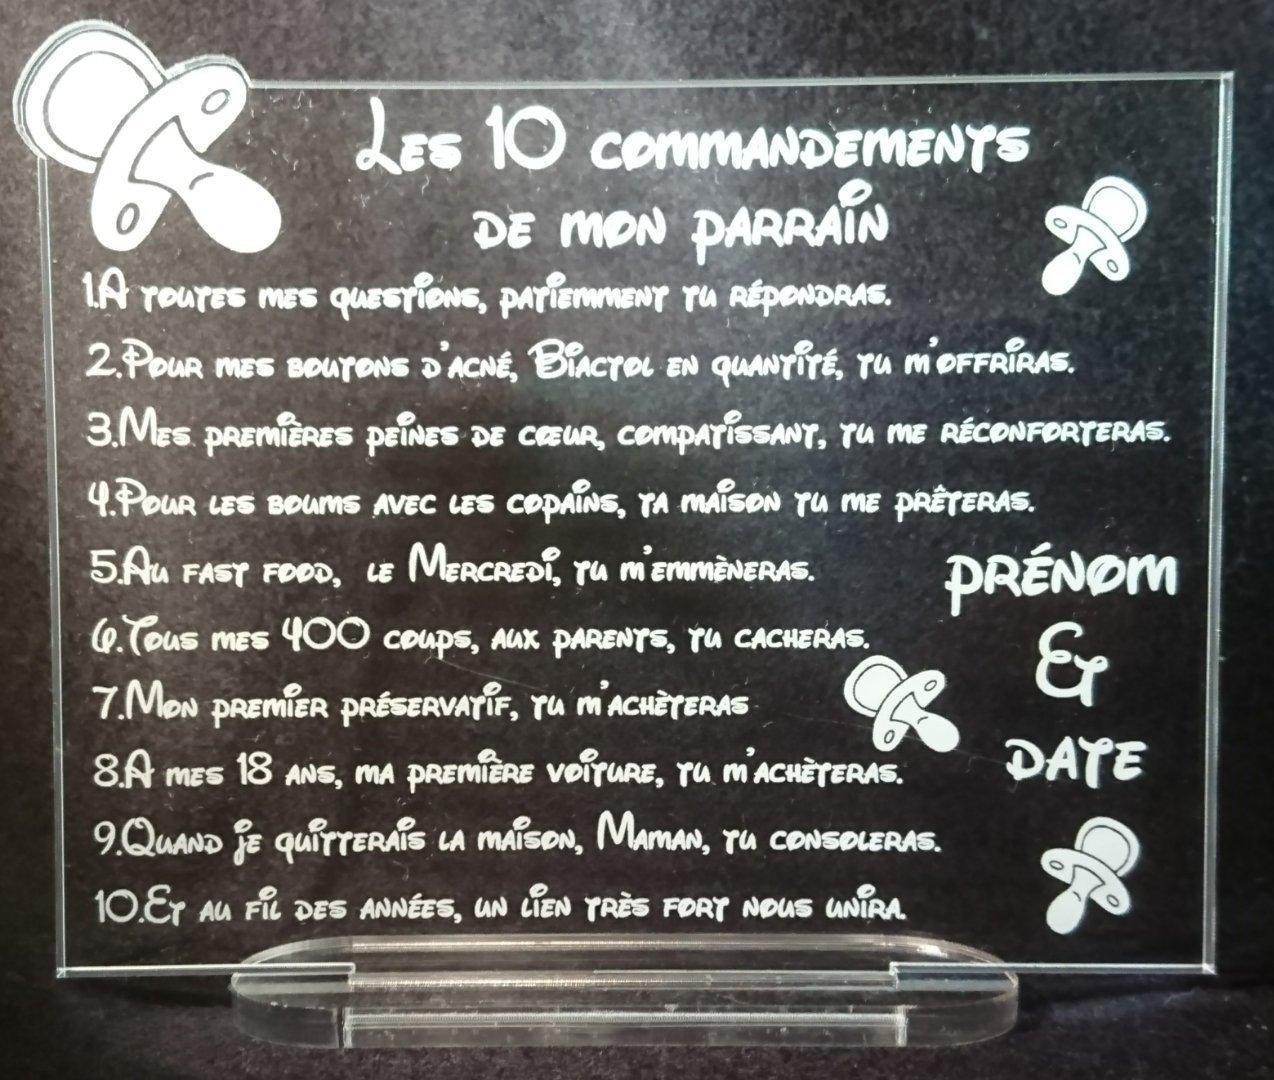 cadeau parrain marraine les 10 commandements tétine baptême communion avec prénom